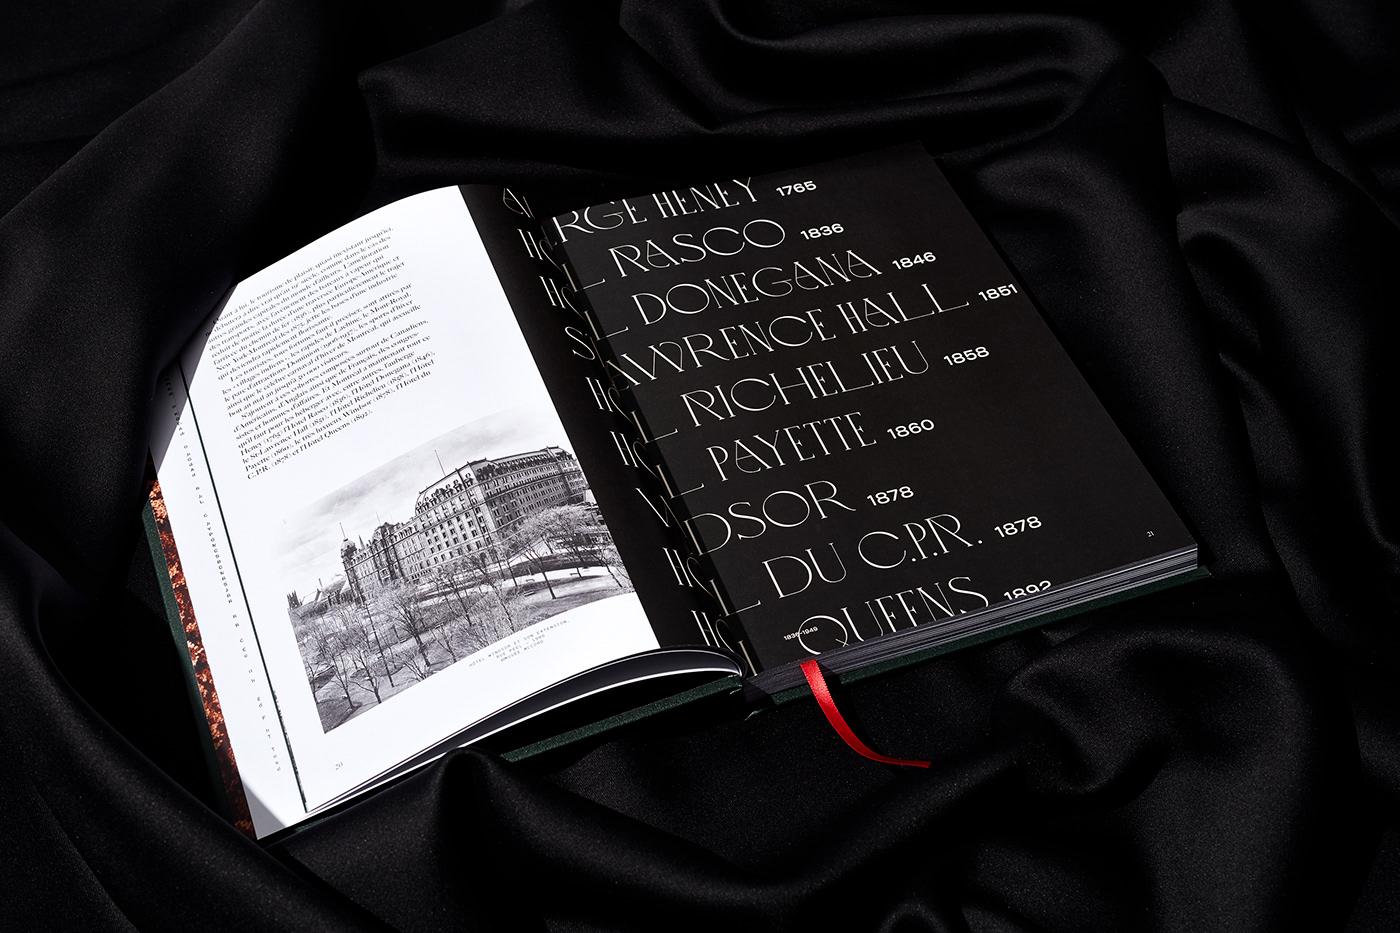 Image may contain: book, handwriting and menu